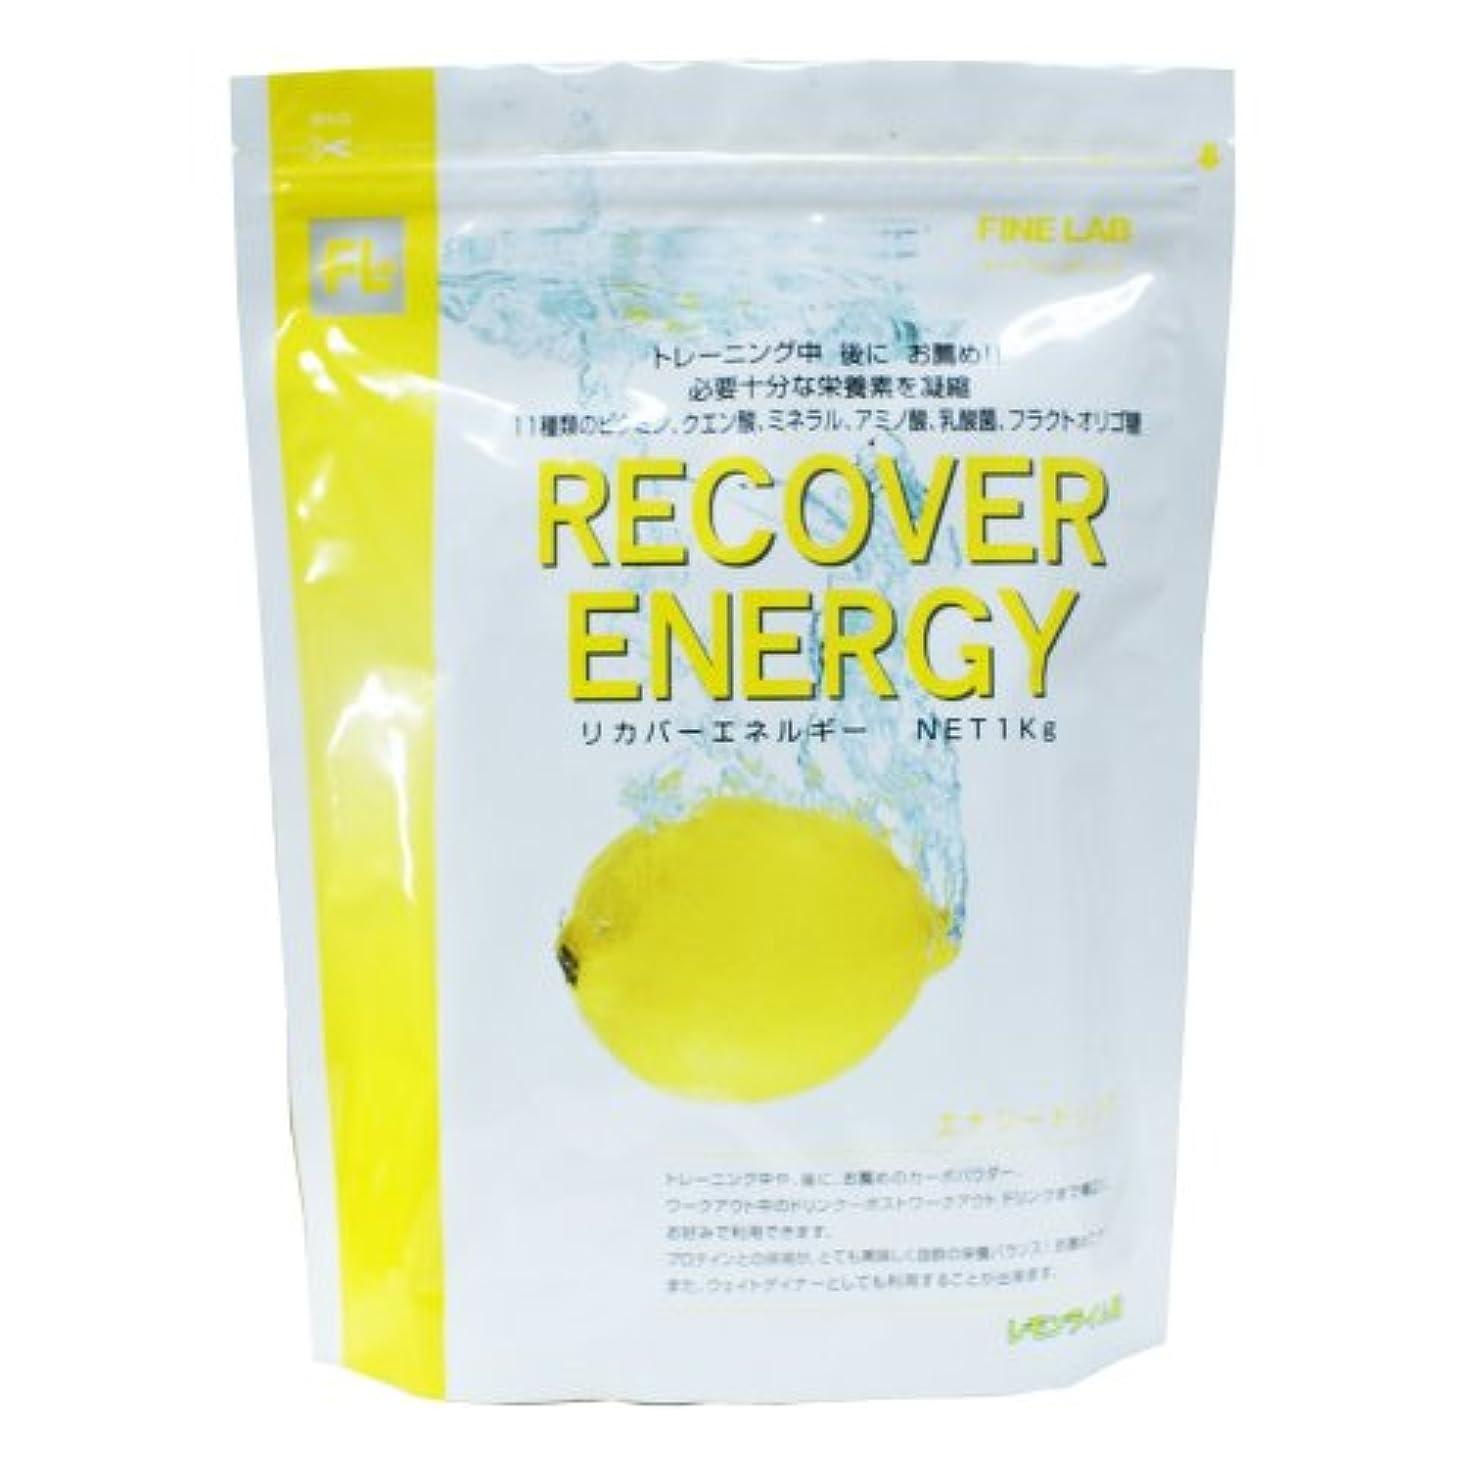 幻想的出口フォームファイン?ラボ リカバーエネルギー レモンライム風味 1kg